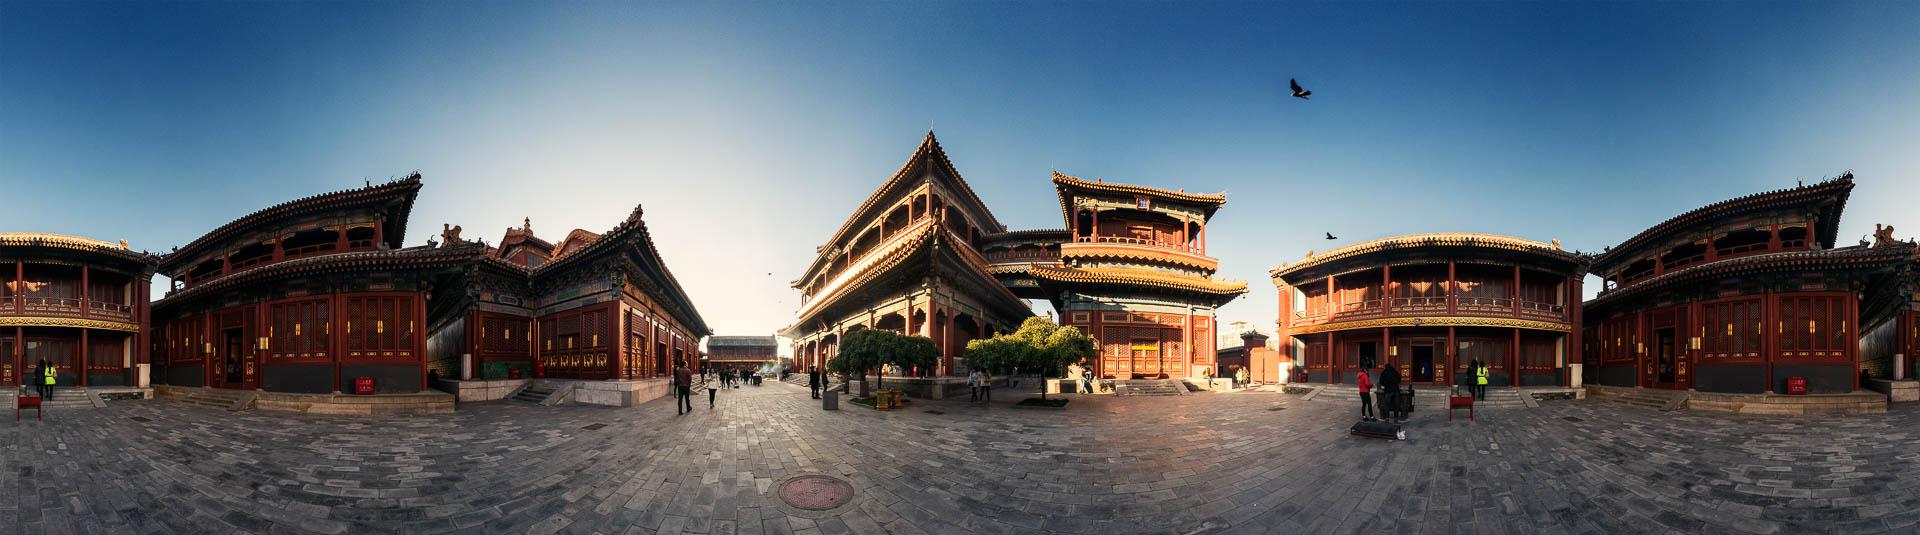 Lama Tempel in Beijing by Beijing by Tobi Bohn Panorama 360 Fotograf